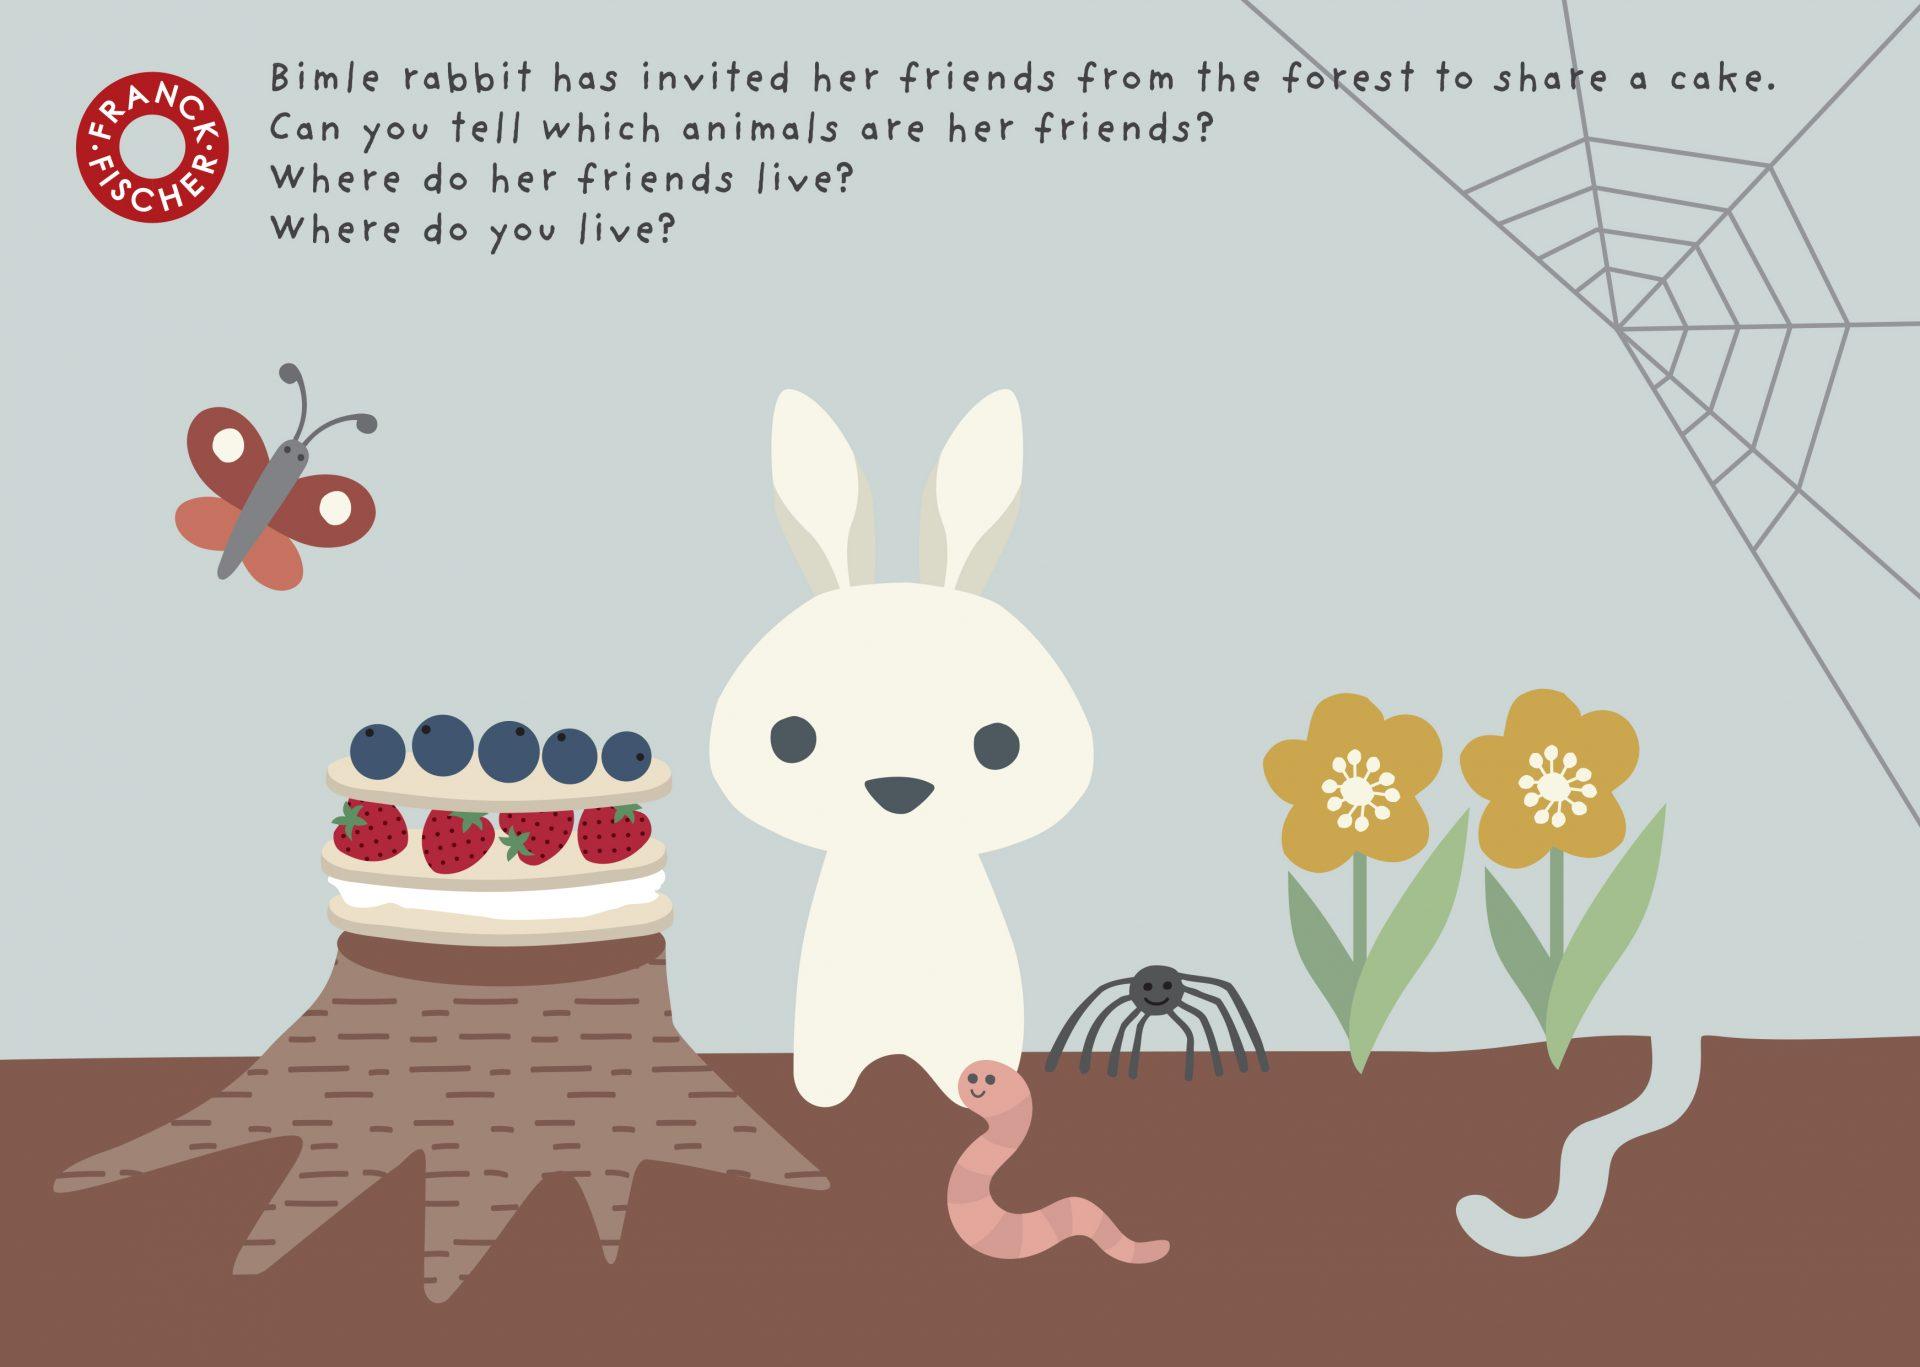 09 Bimle invite for cake